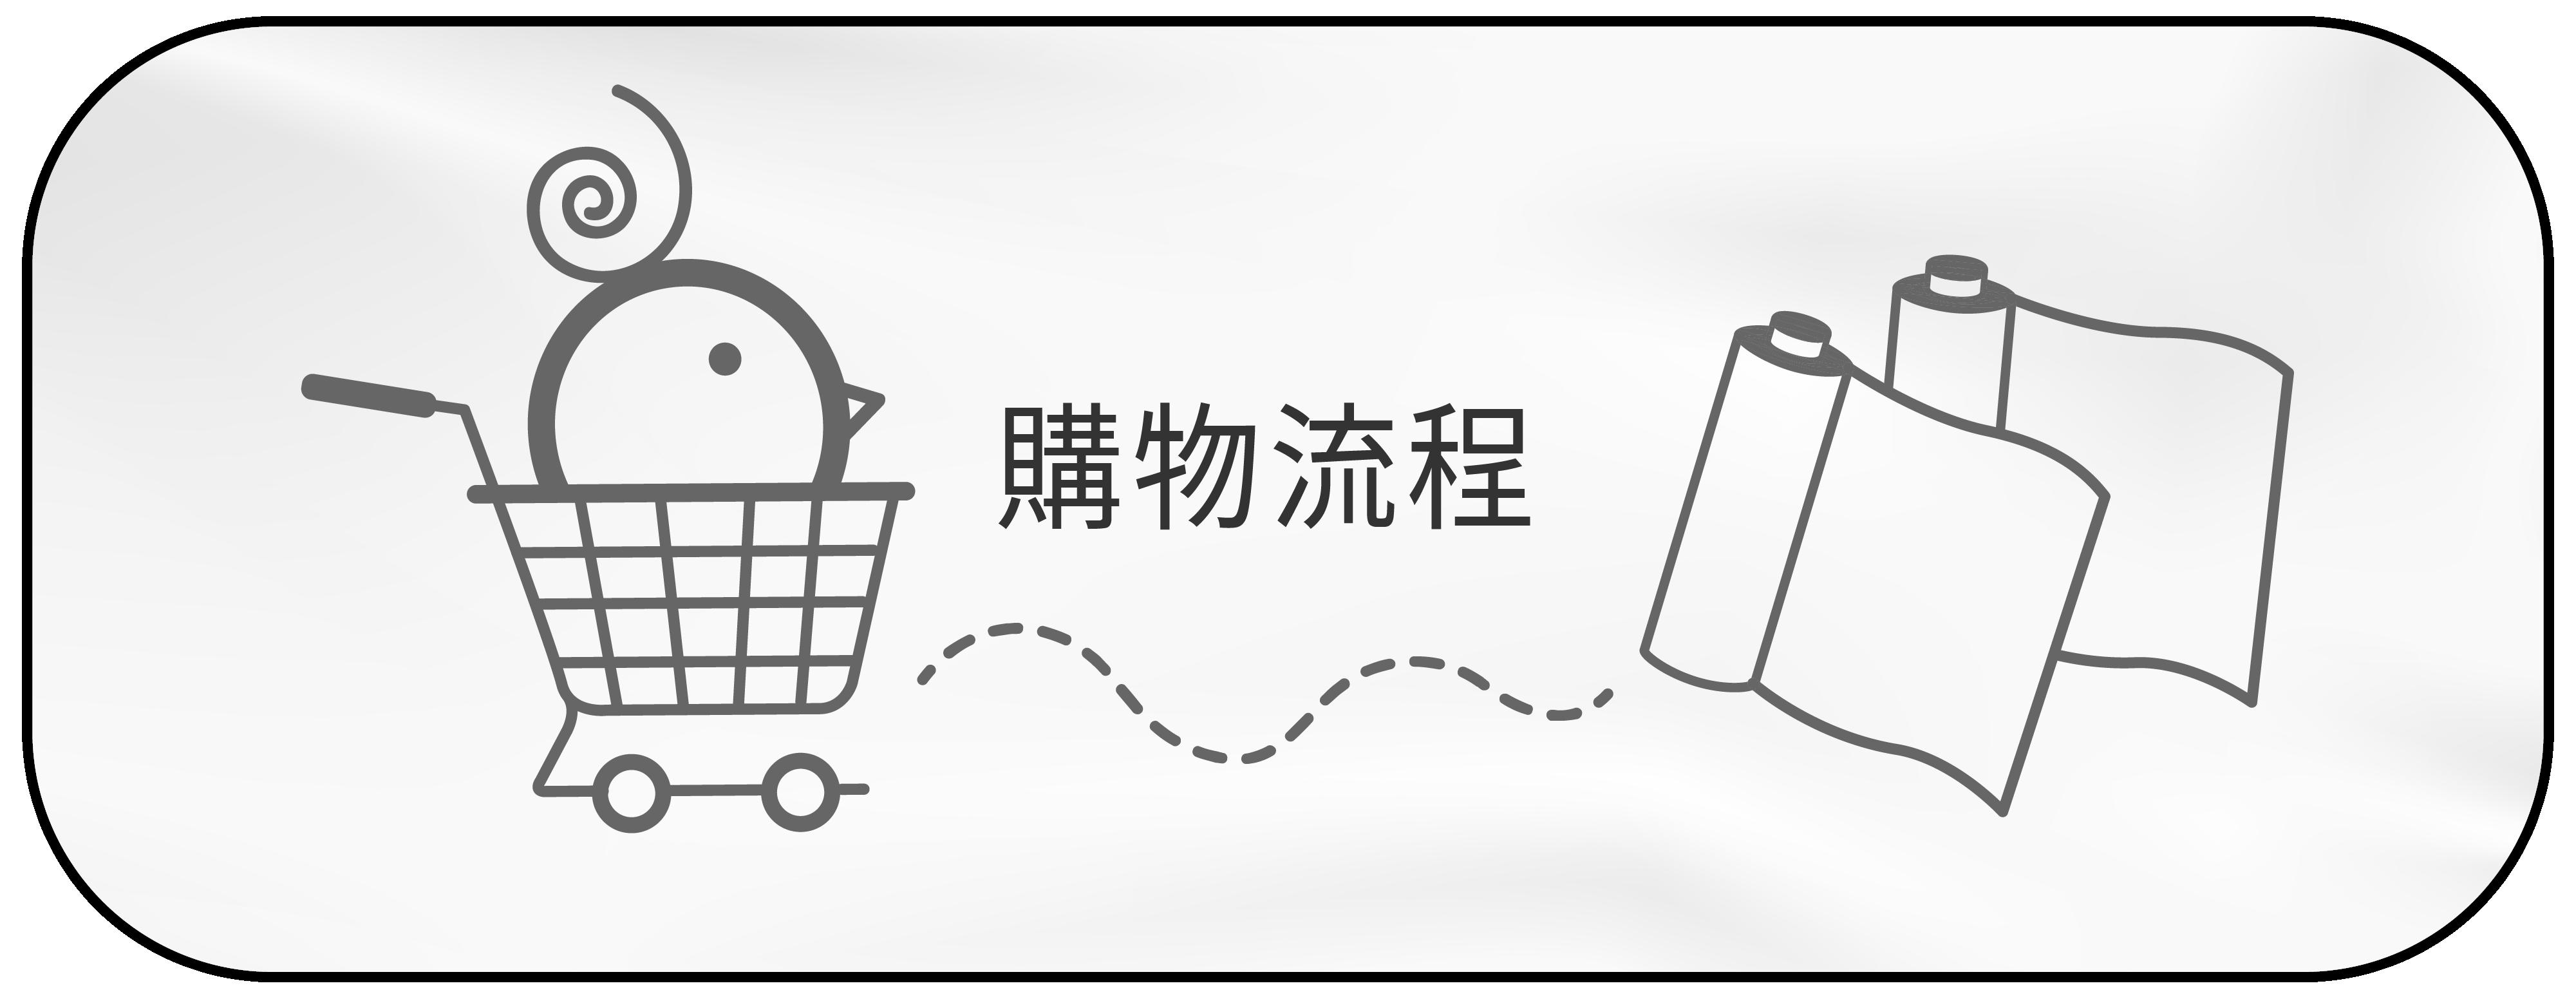 瞭解購物流程